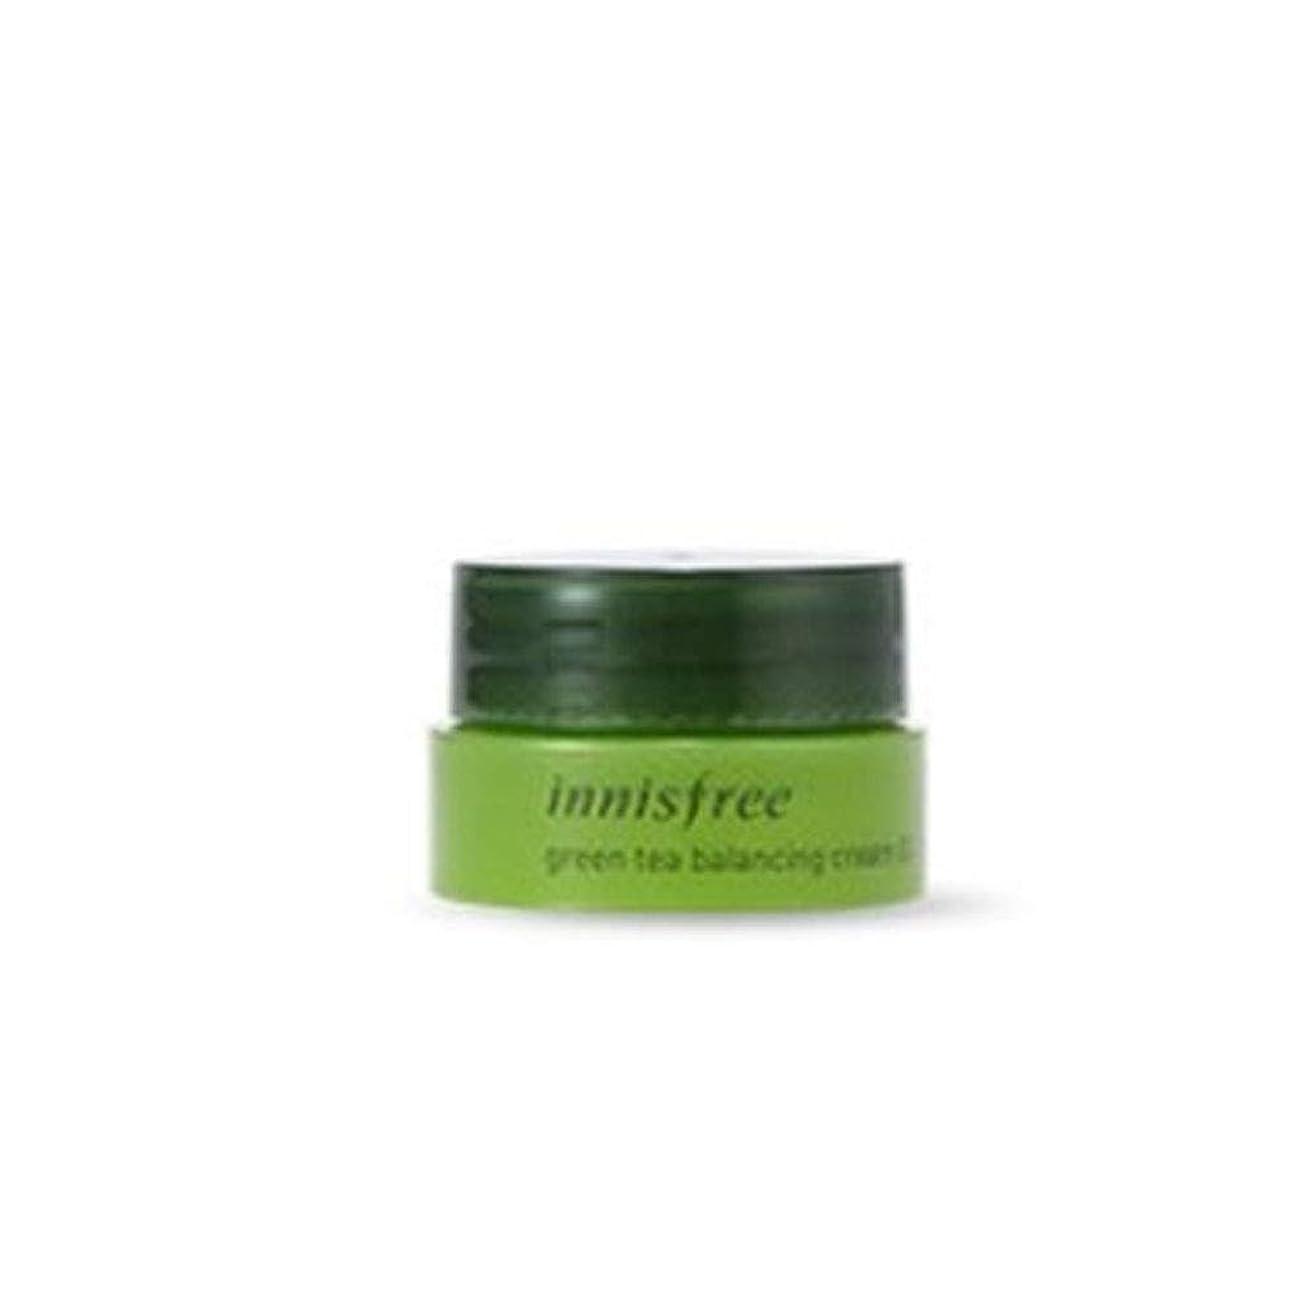 遠征非互換並外れてイニスフリーグリーンティーバランシングスキンケアセットの水分ケア韓国コスメ、innisfree Green Tea Balancing Skin Care Set Korean Cosmetics [並行輸入品]